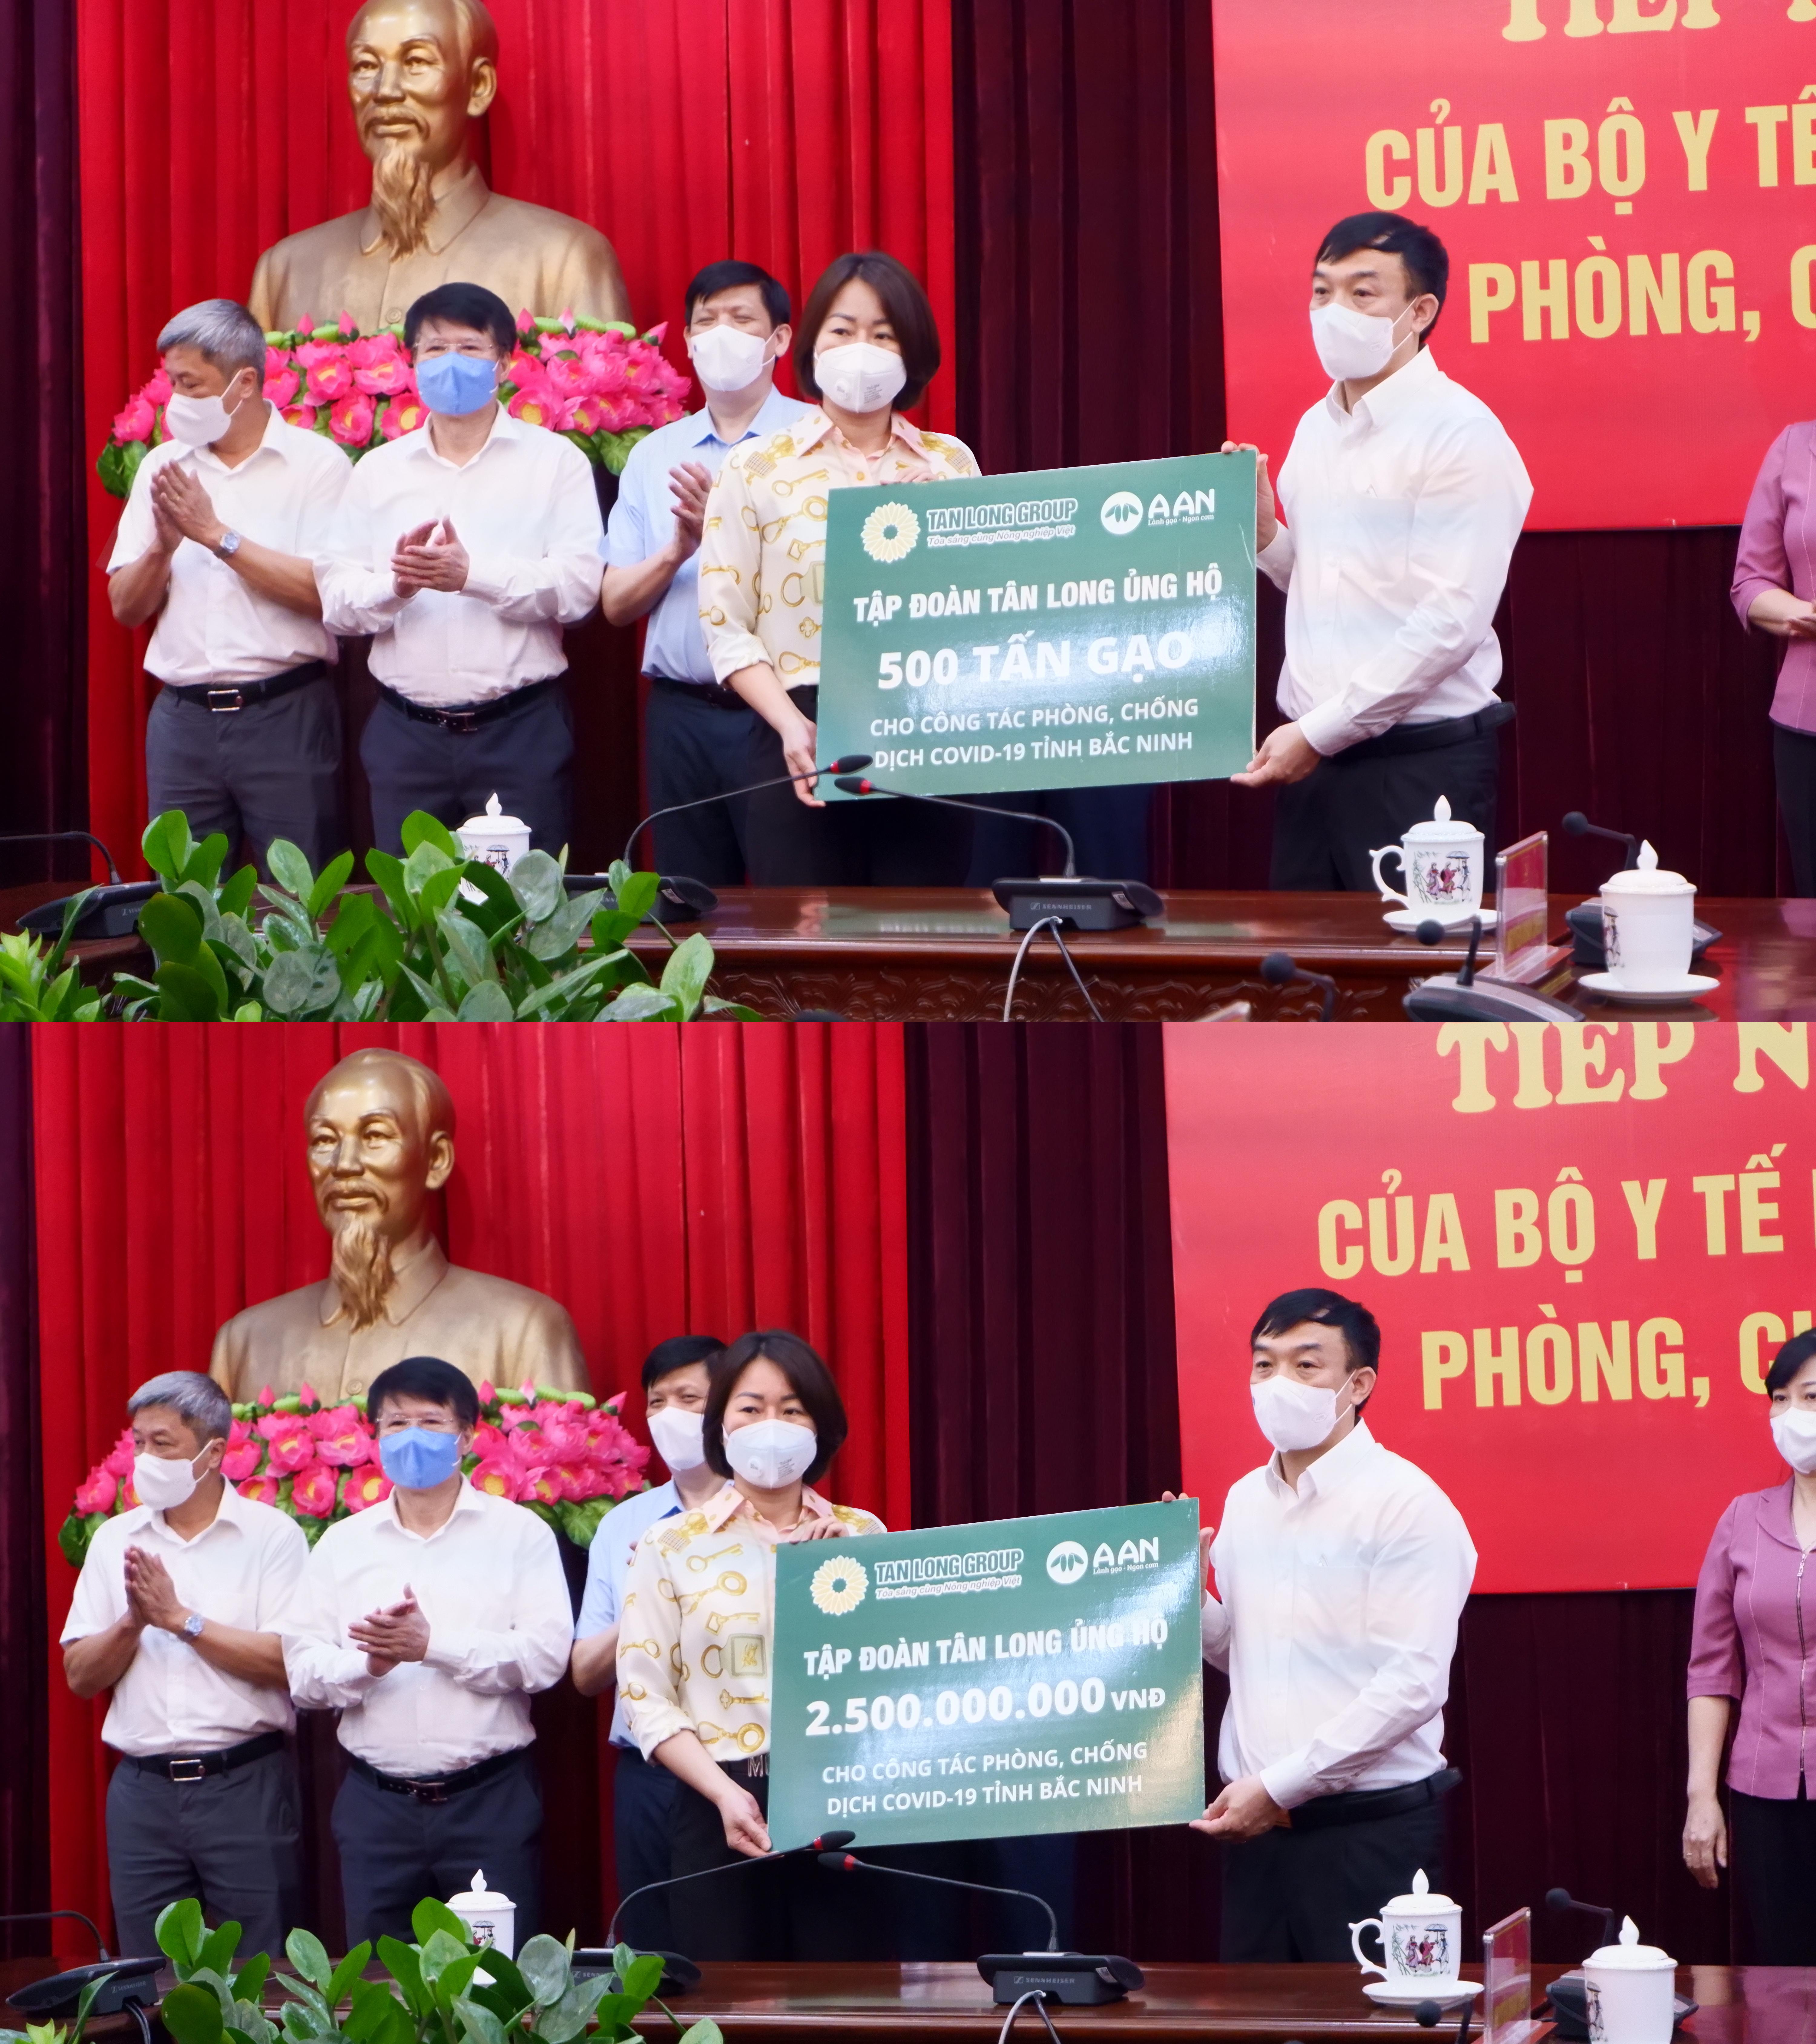 Đại diện Tập đoàn Tân Long vừa trao tặng 500 tấn gạo và 2,5 tỉ đồng cho tỉnh Bắc Giang.